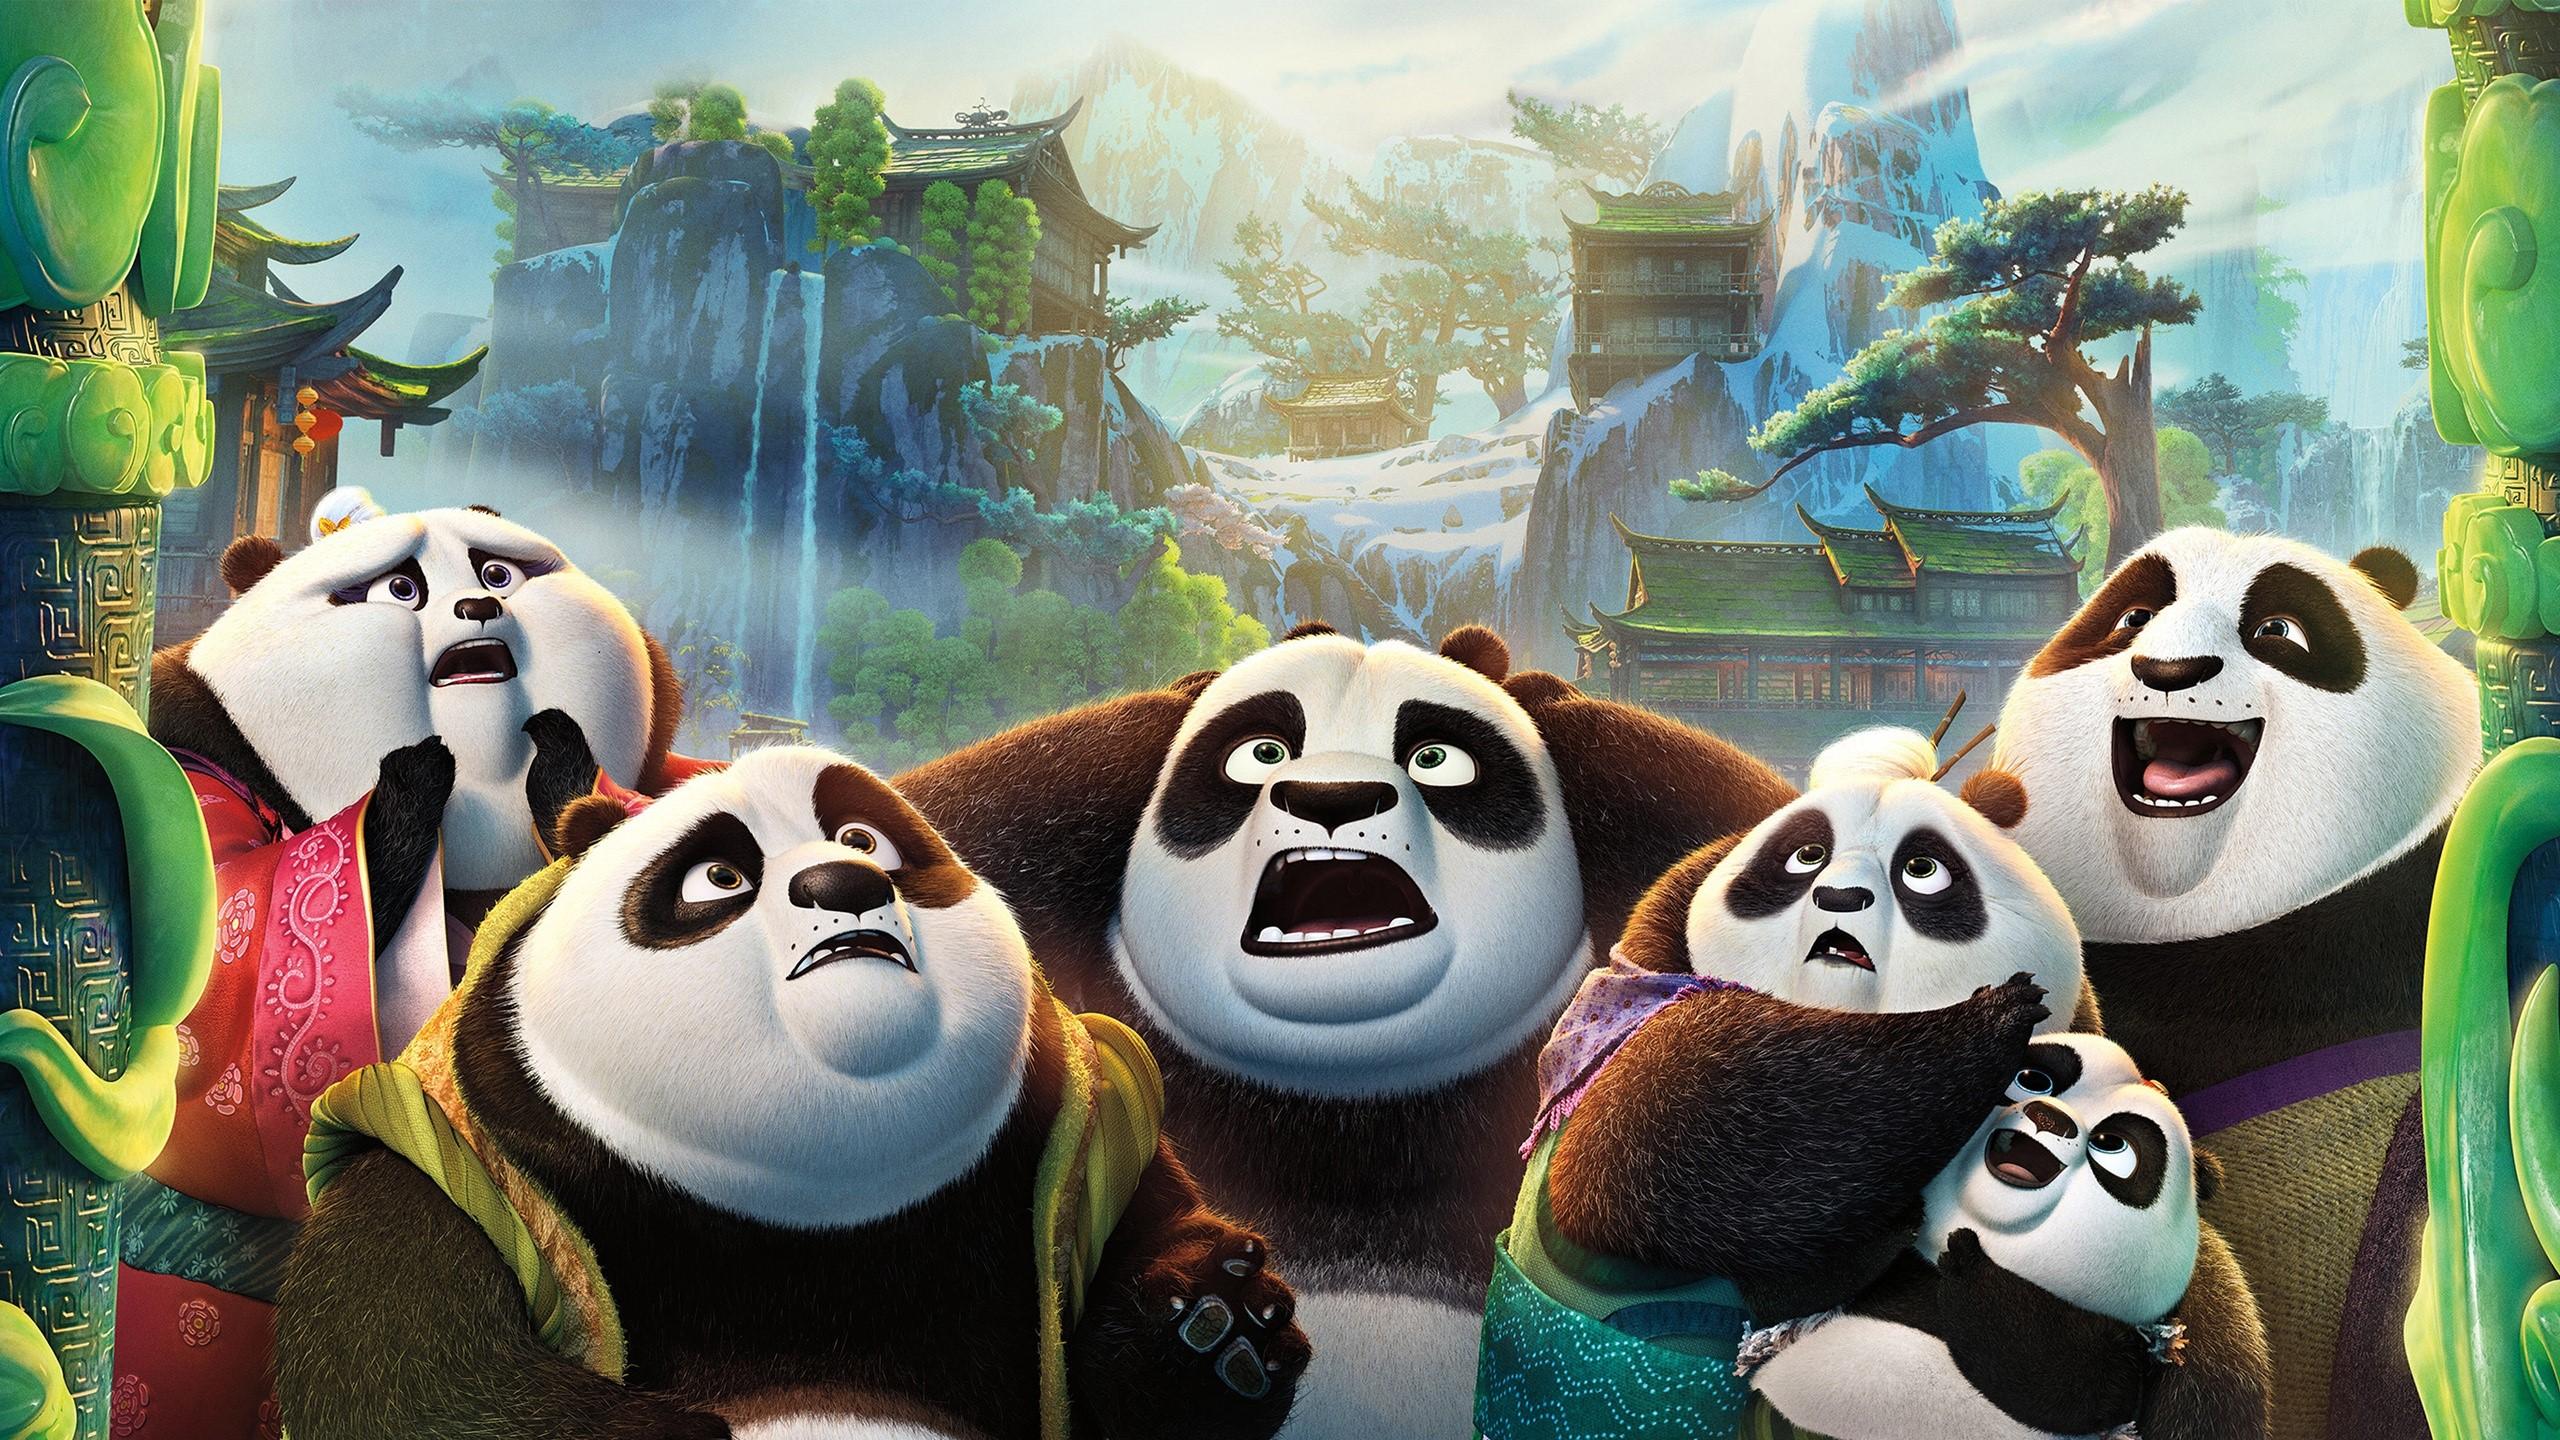 Wallpaper Po's family in Kung Fu panda